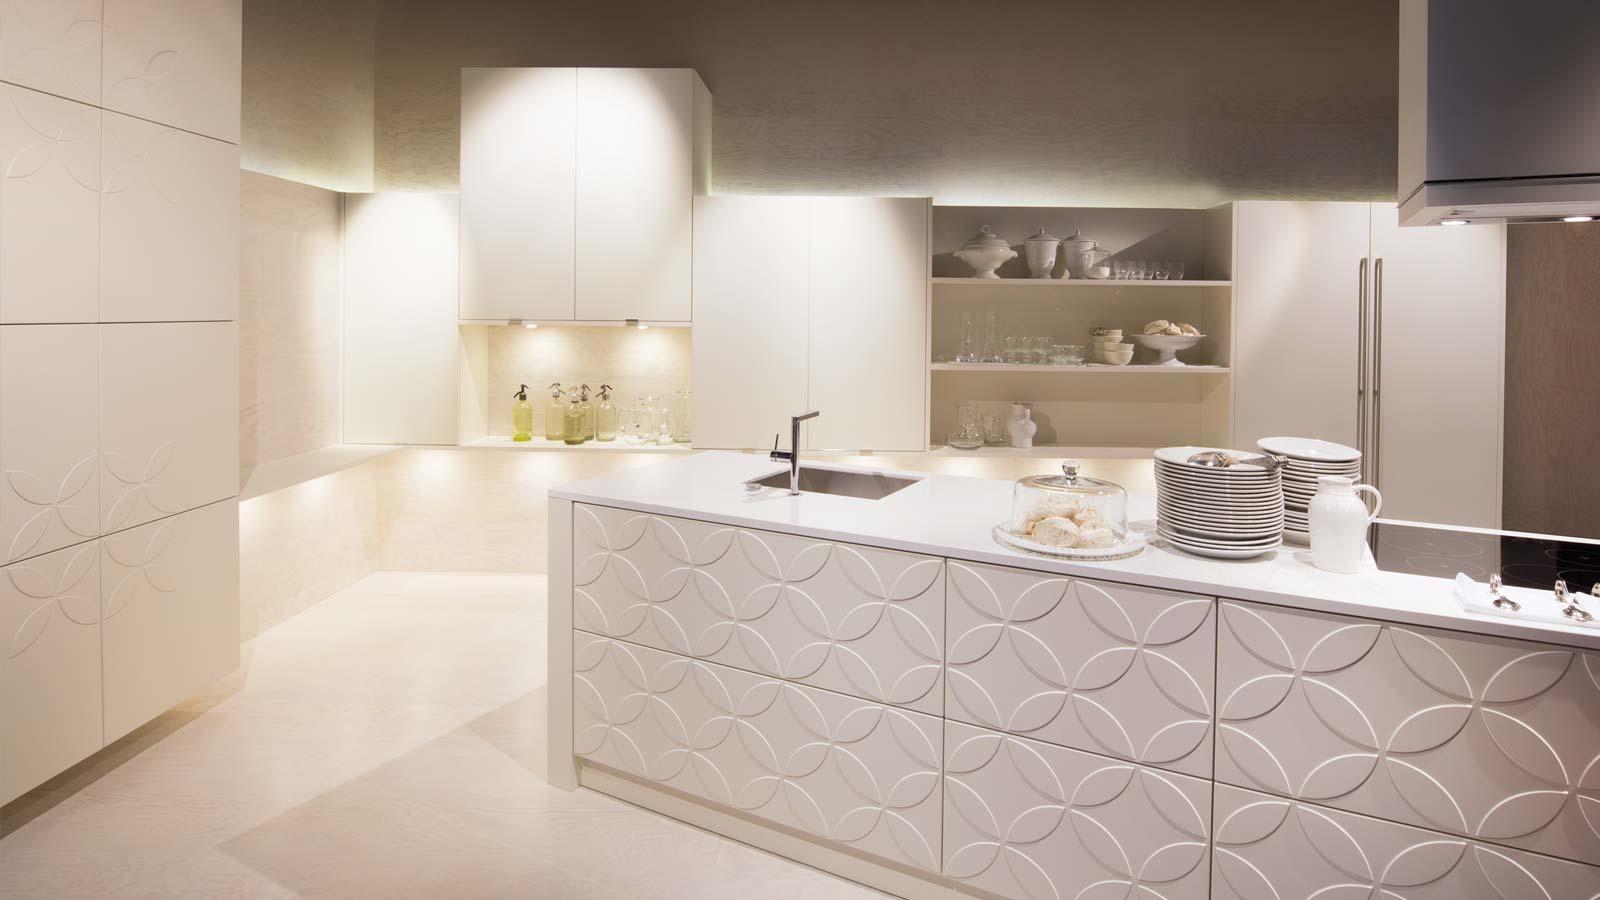 Atemberaubend Küche Und Bad Zeitgenössisch - Küchen Design Ideen ...